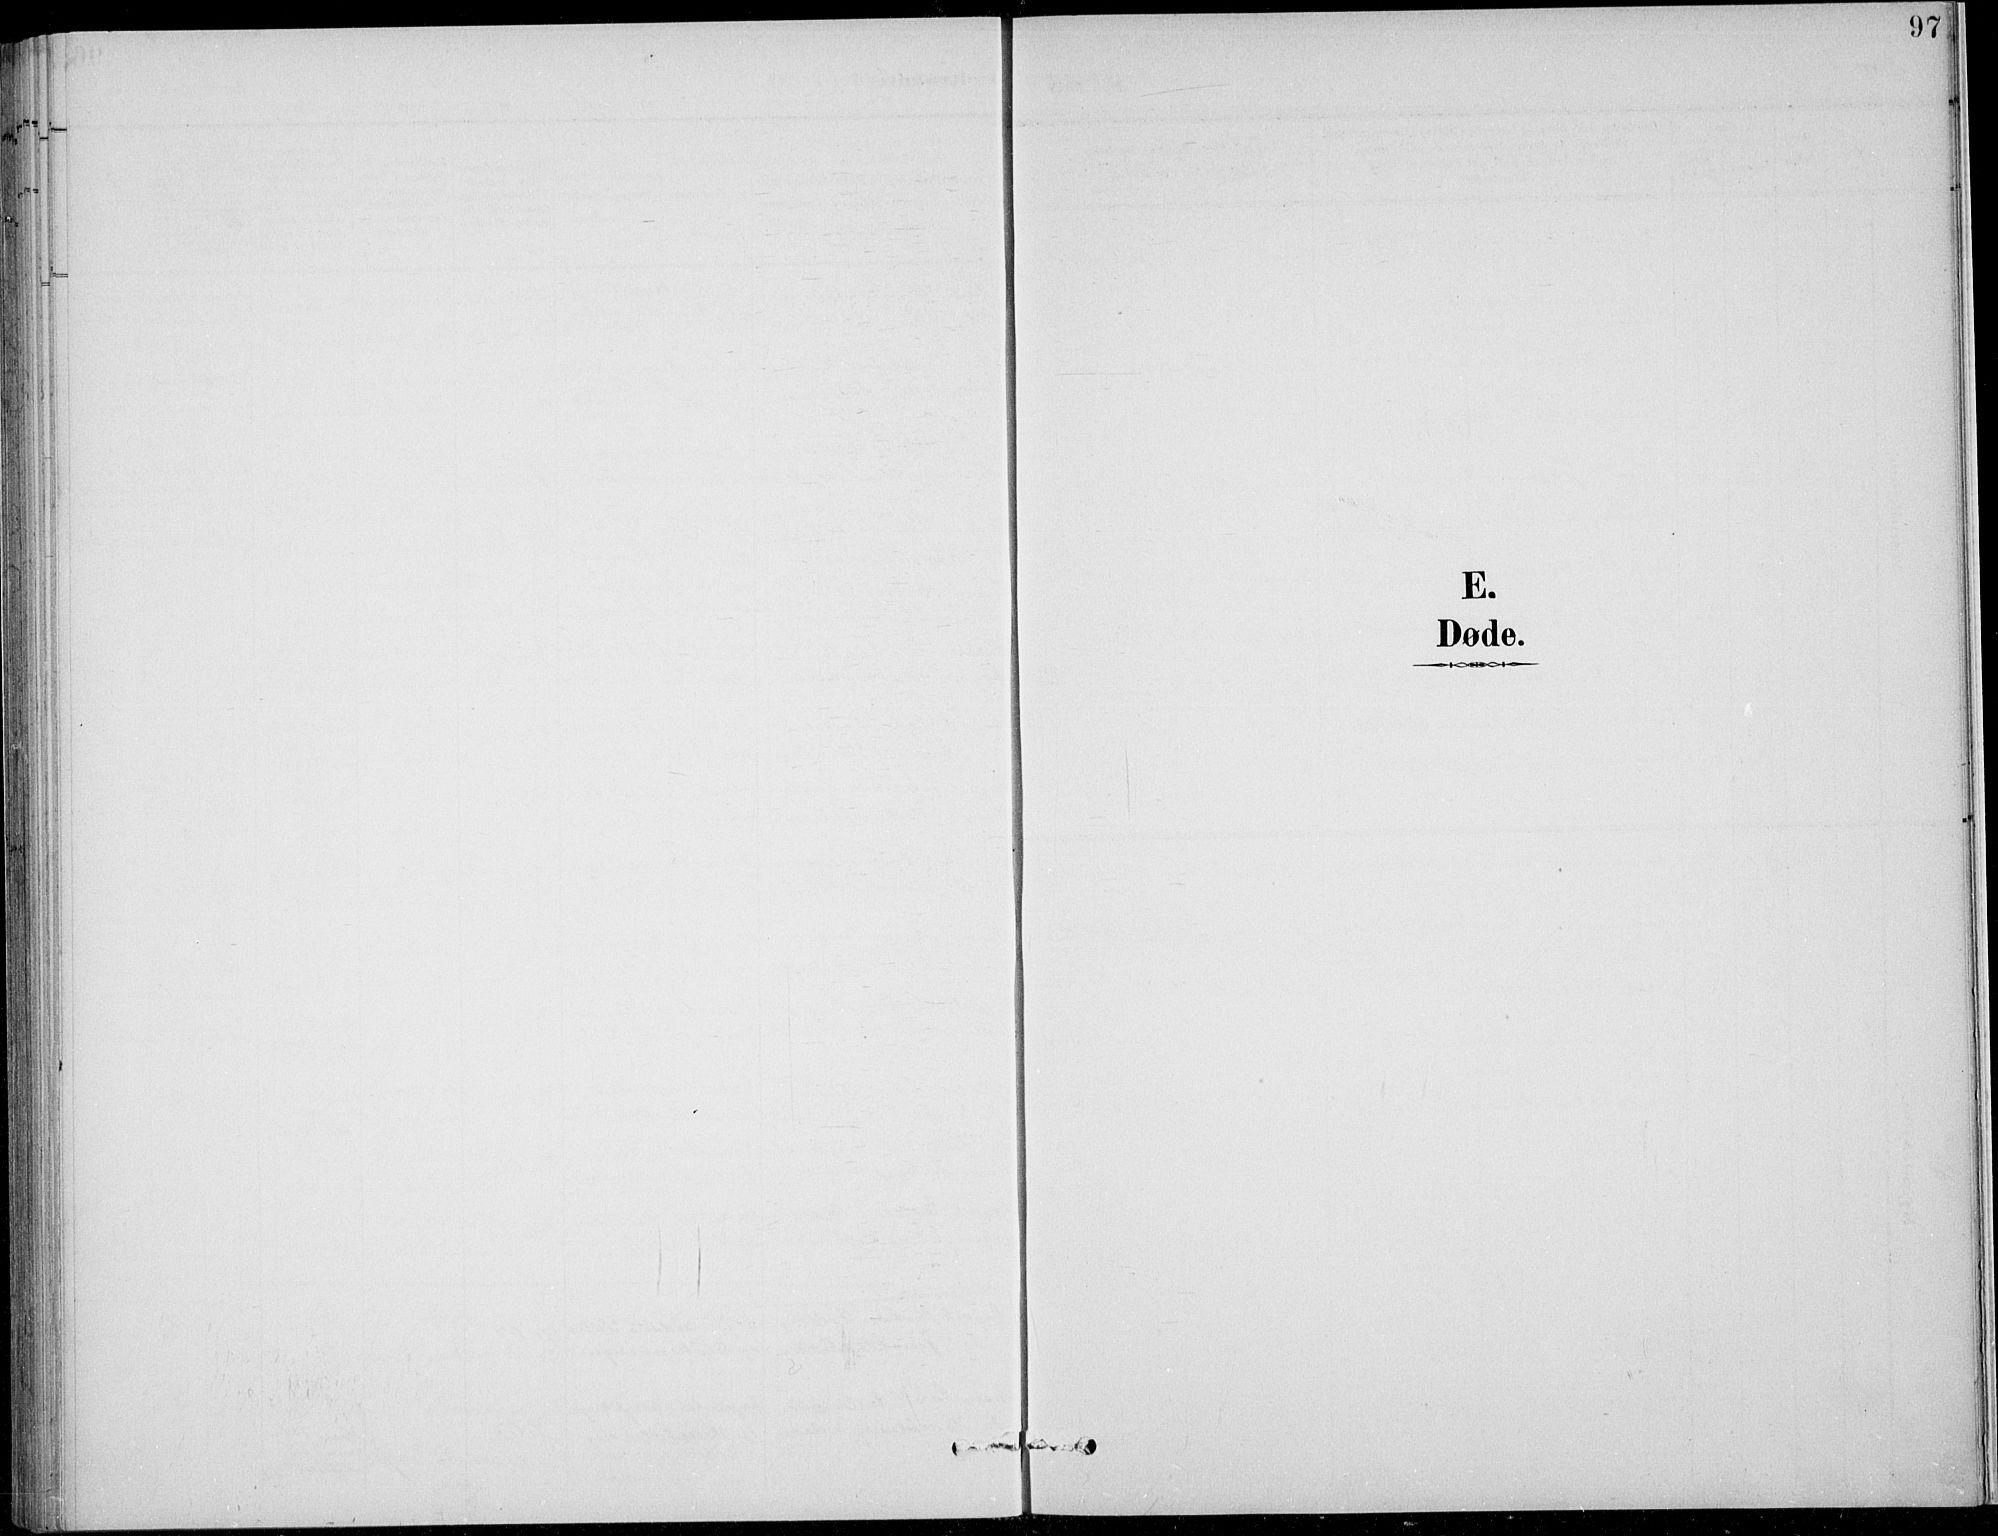 SAH, Nordre Land prestekontor, Klokkerbok nr. 14, 1891-1907, s. 97